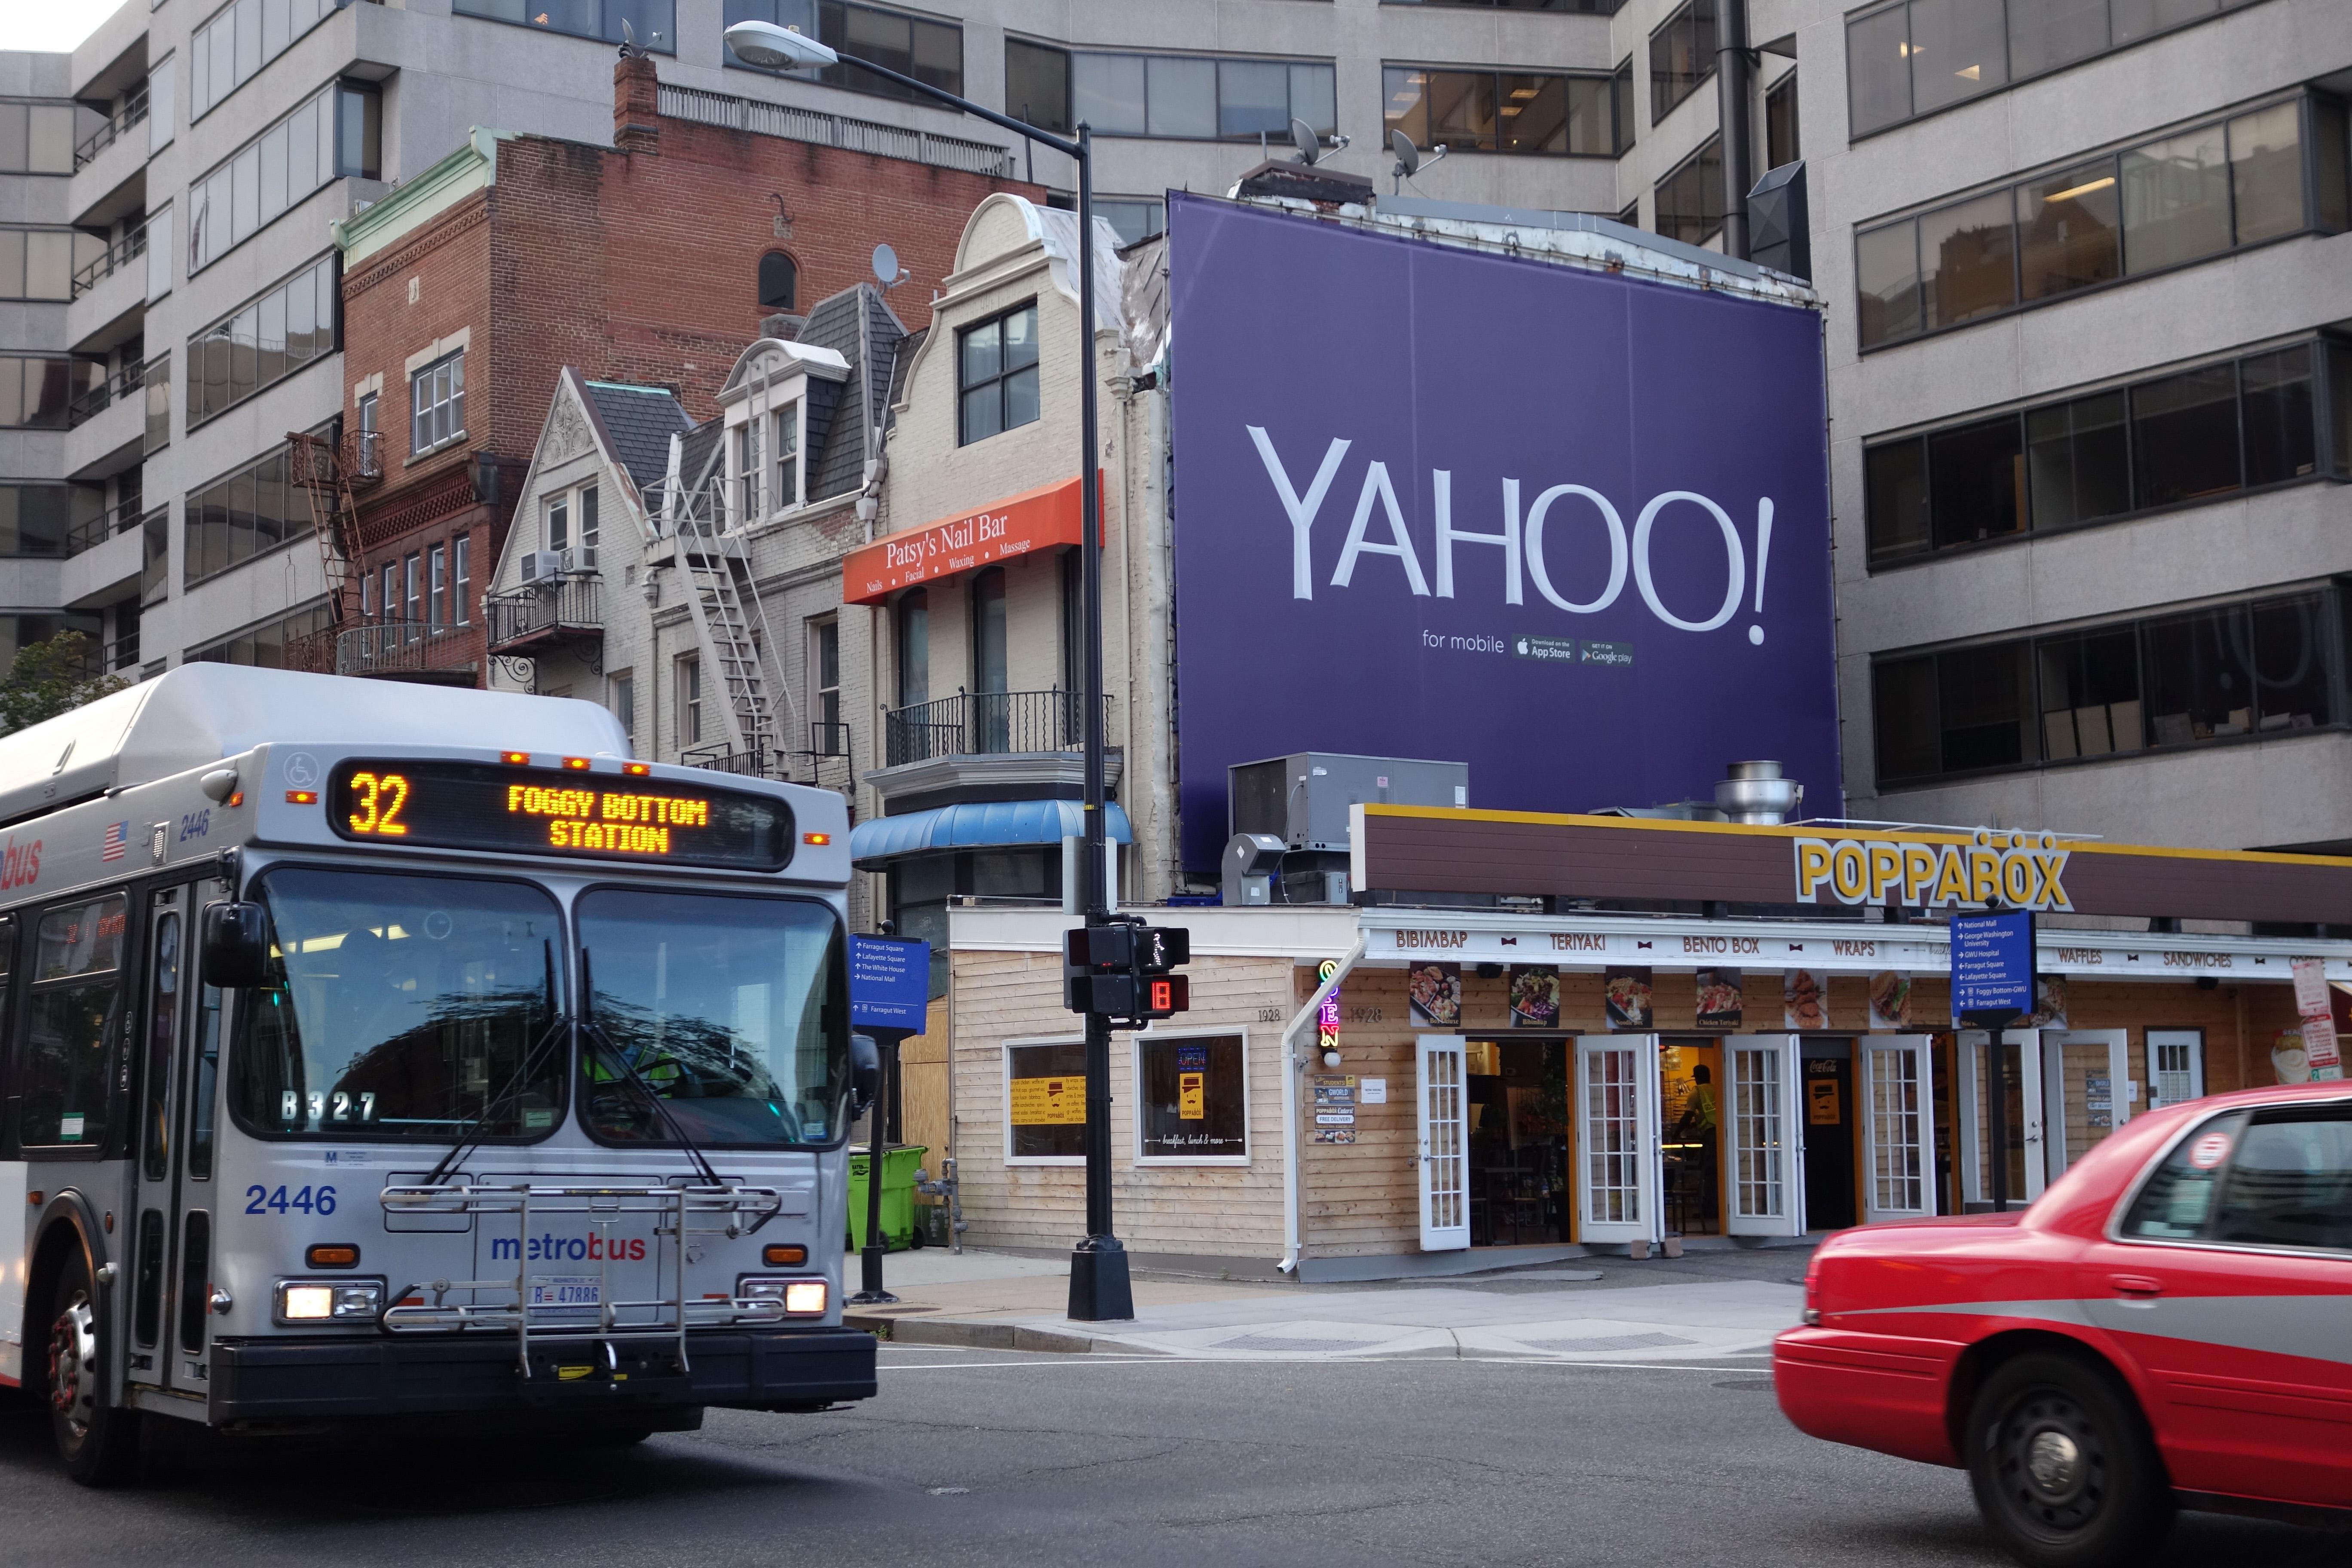 100 milliárd dollárt is ért a Yahoo, ma 4,5 milliárdért adták el